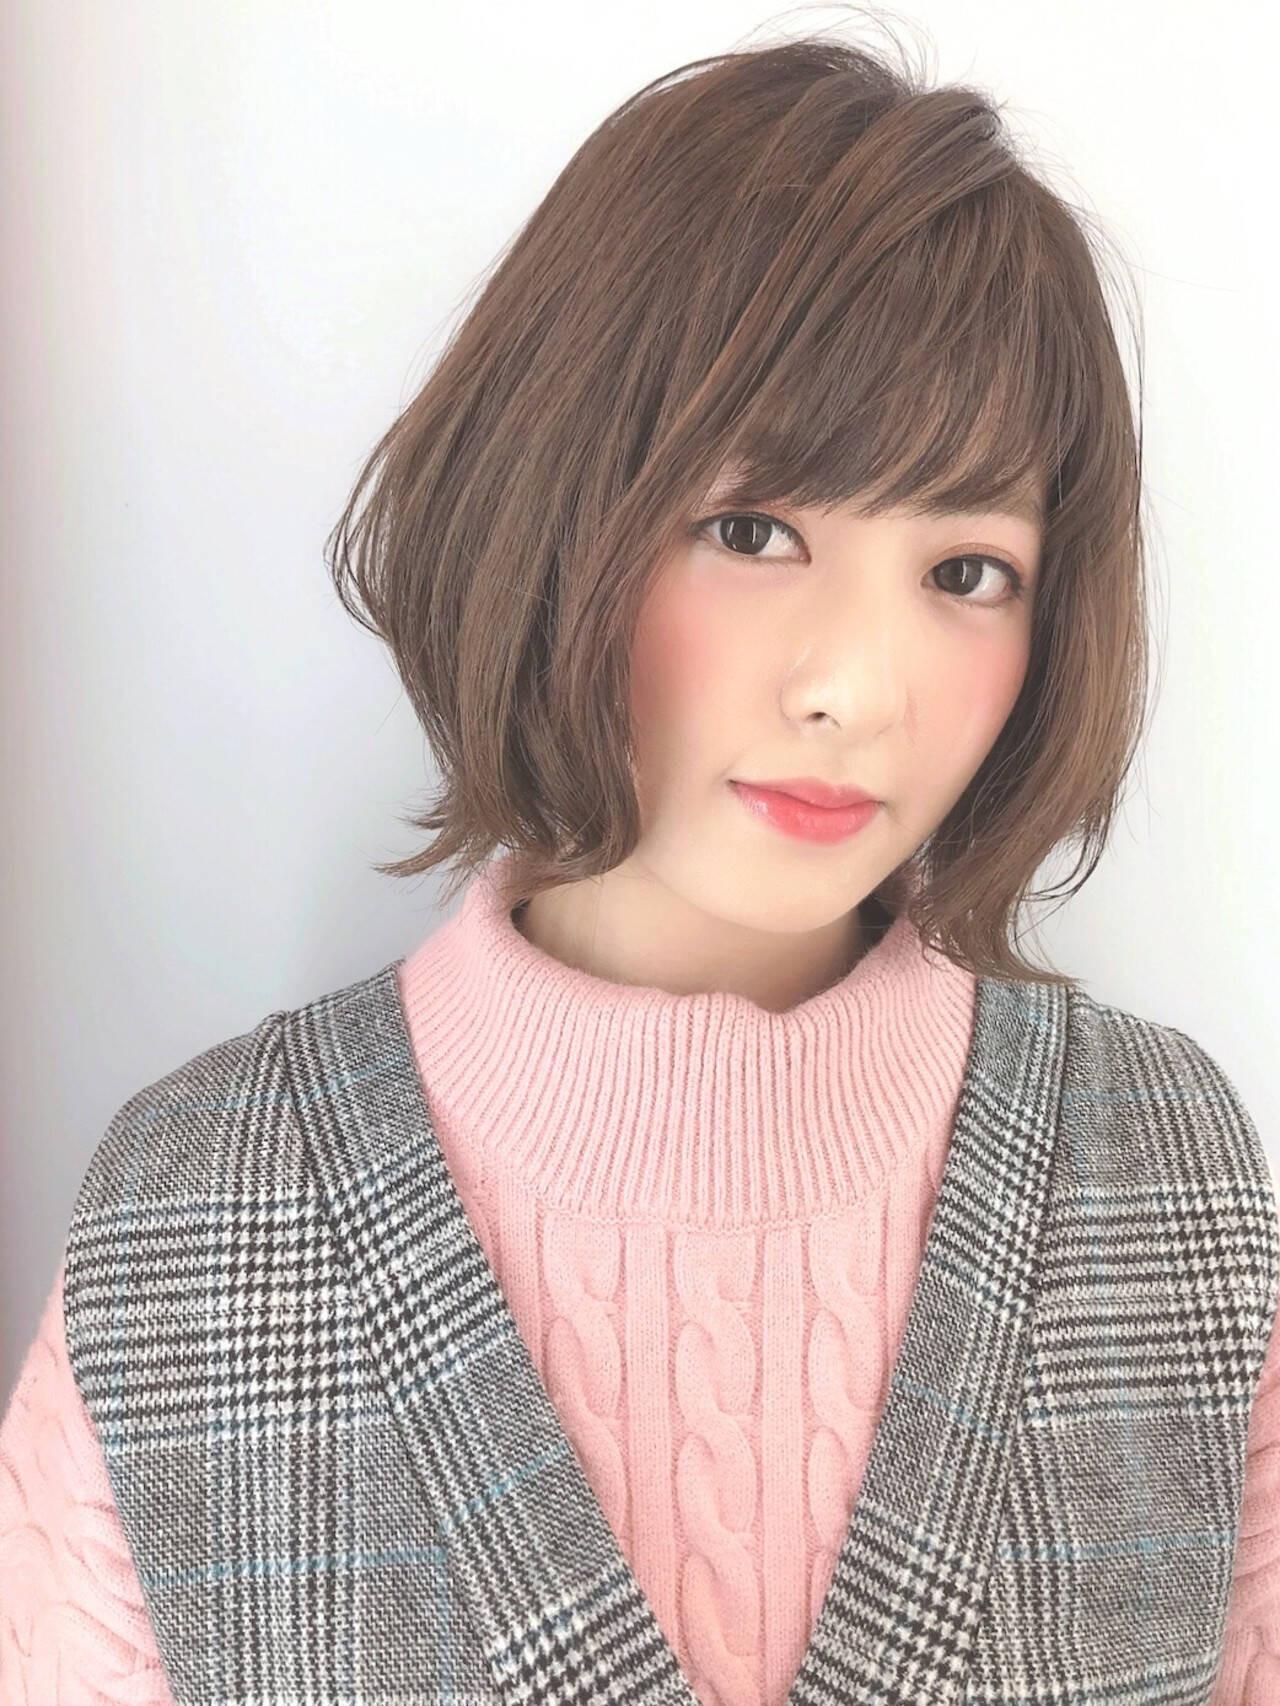 前髪とのバランスも見て Marie Tagawa 【morio原宿】  morio from London 原宿本店